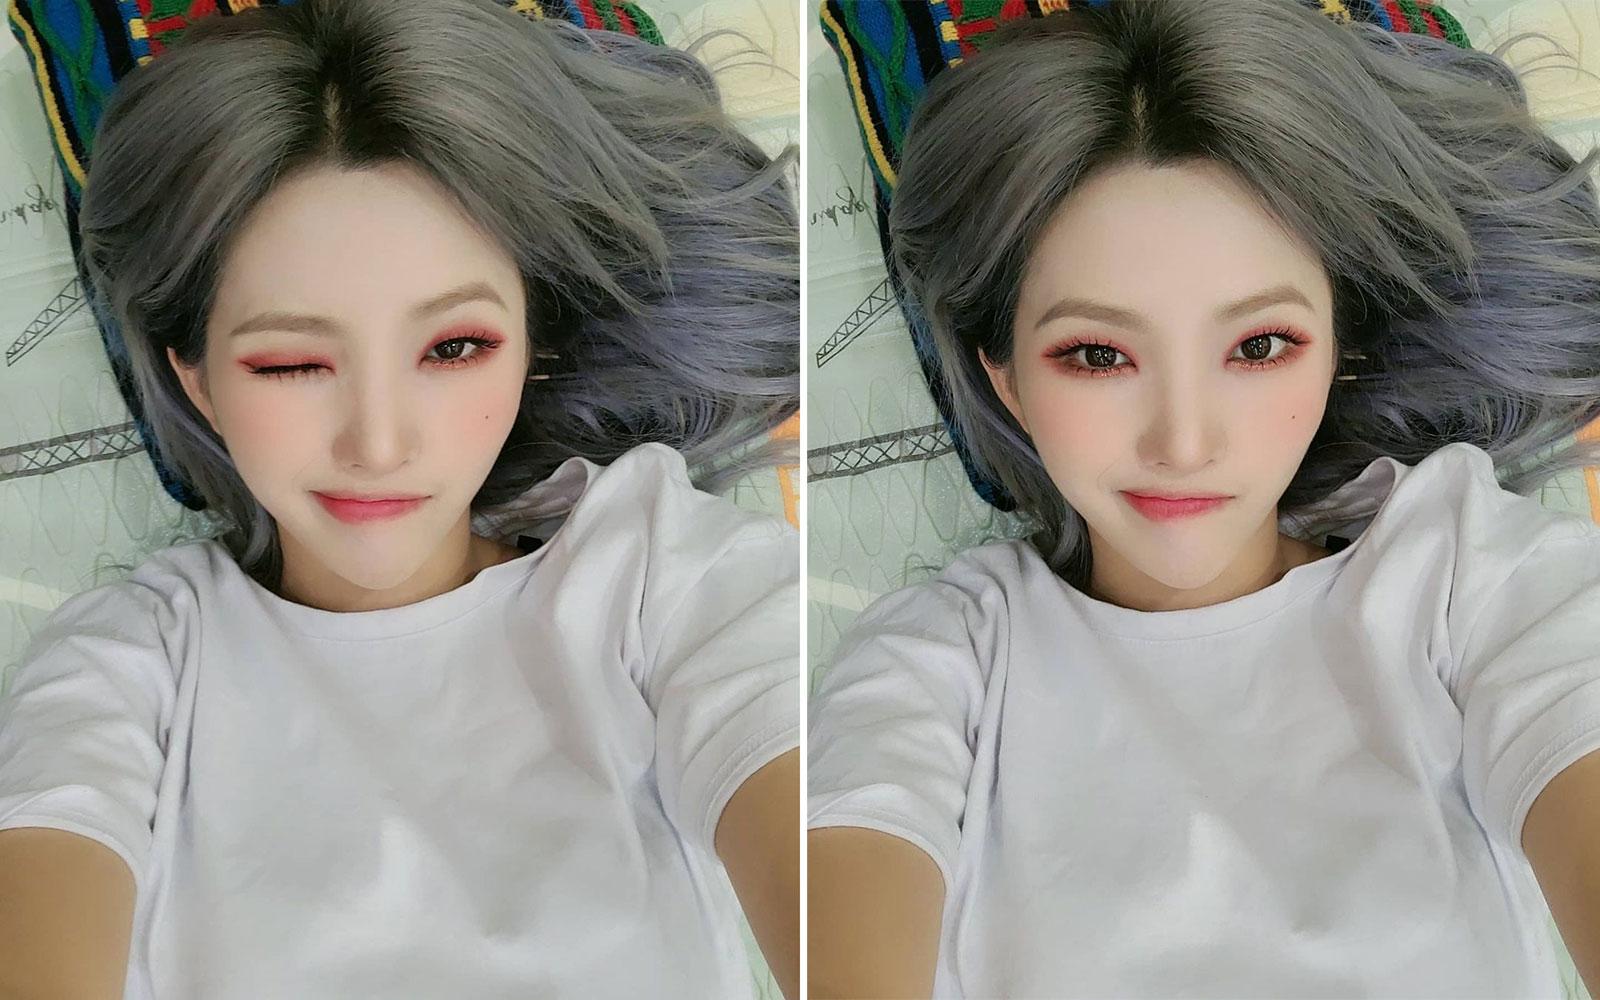 Mẹo trang điểm mắt của idol Hàn Quốc tạo đôi mắt to tròn, bừng sáng